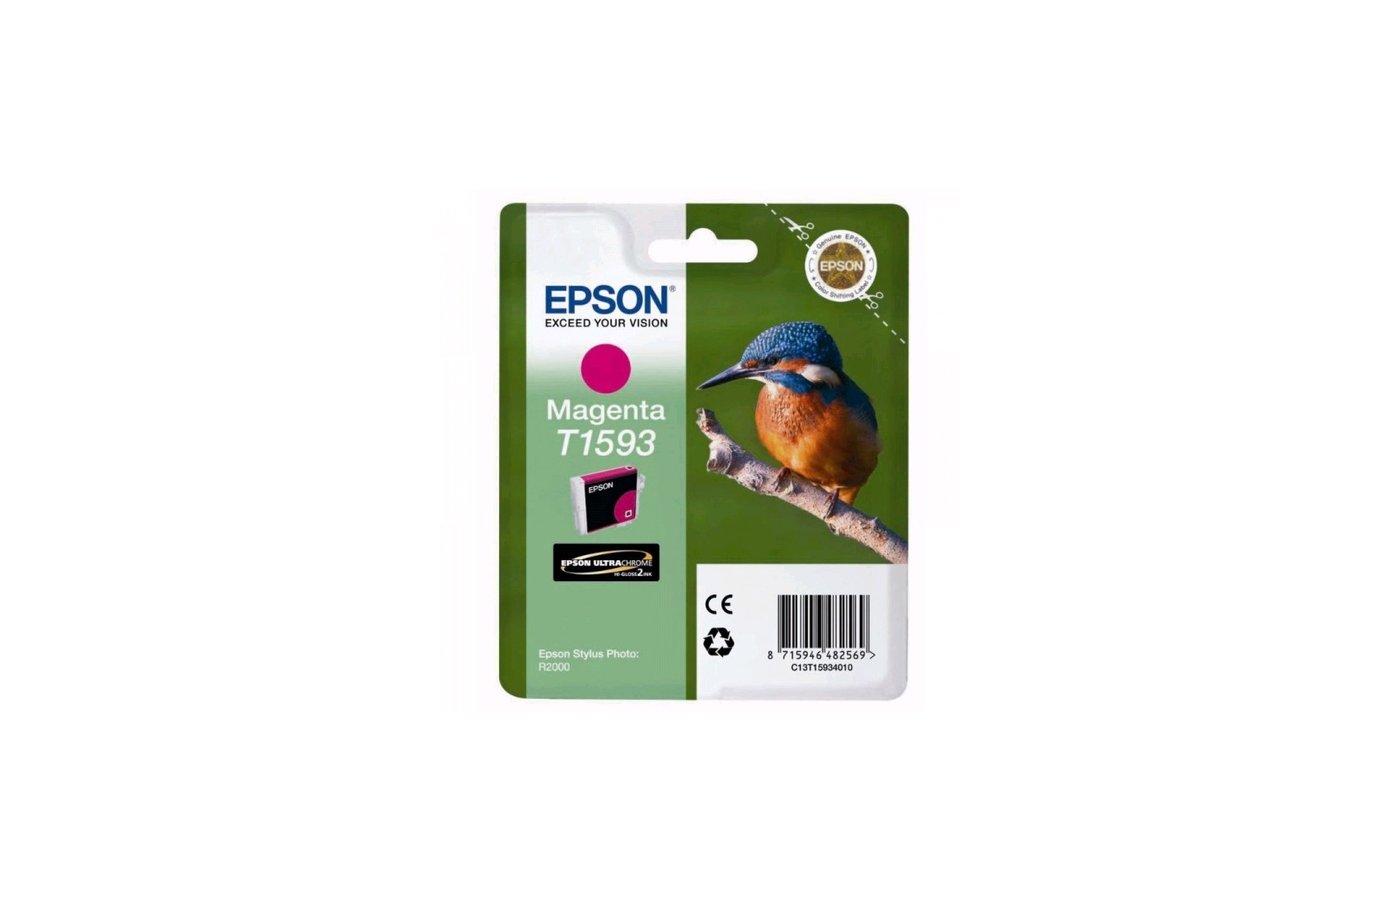 Картридж струйный Epson C13T15934010 струйный для Stylus Photo R2000 (пурпурный)